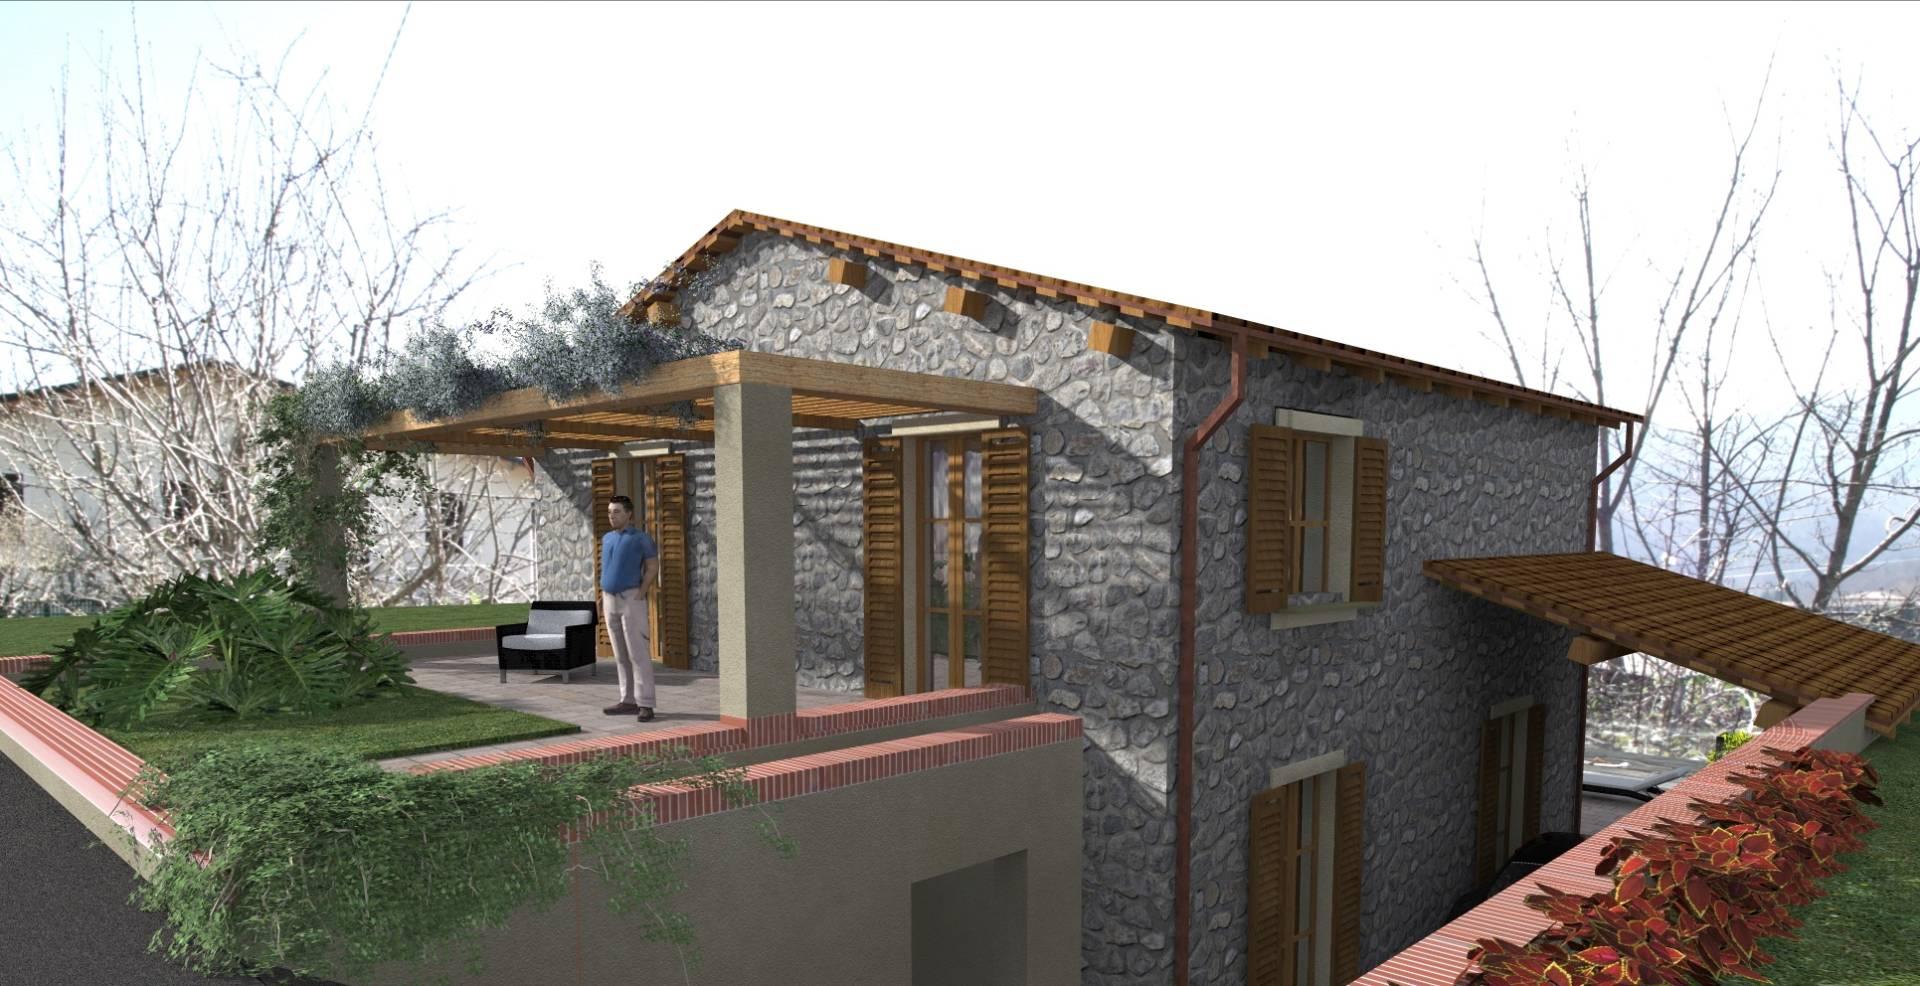 Rustico / Casale in vendita a Camporgiano, 8 locali, zona Zona: Casciana, prezzo € 60.000   Cambio Casa.it